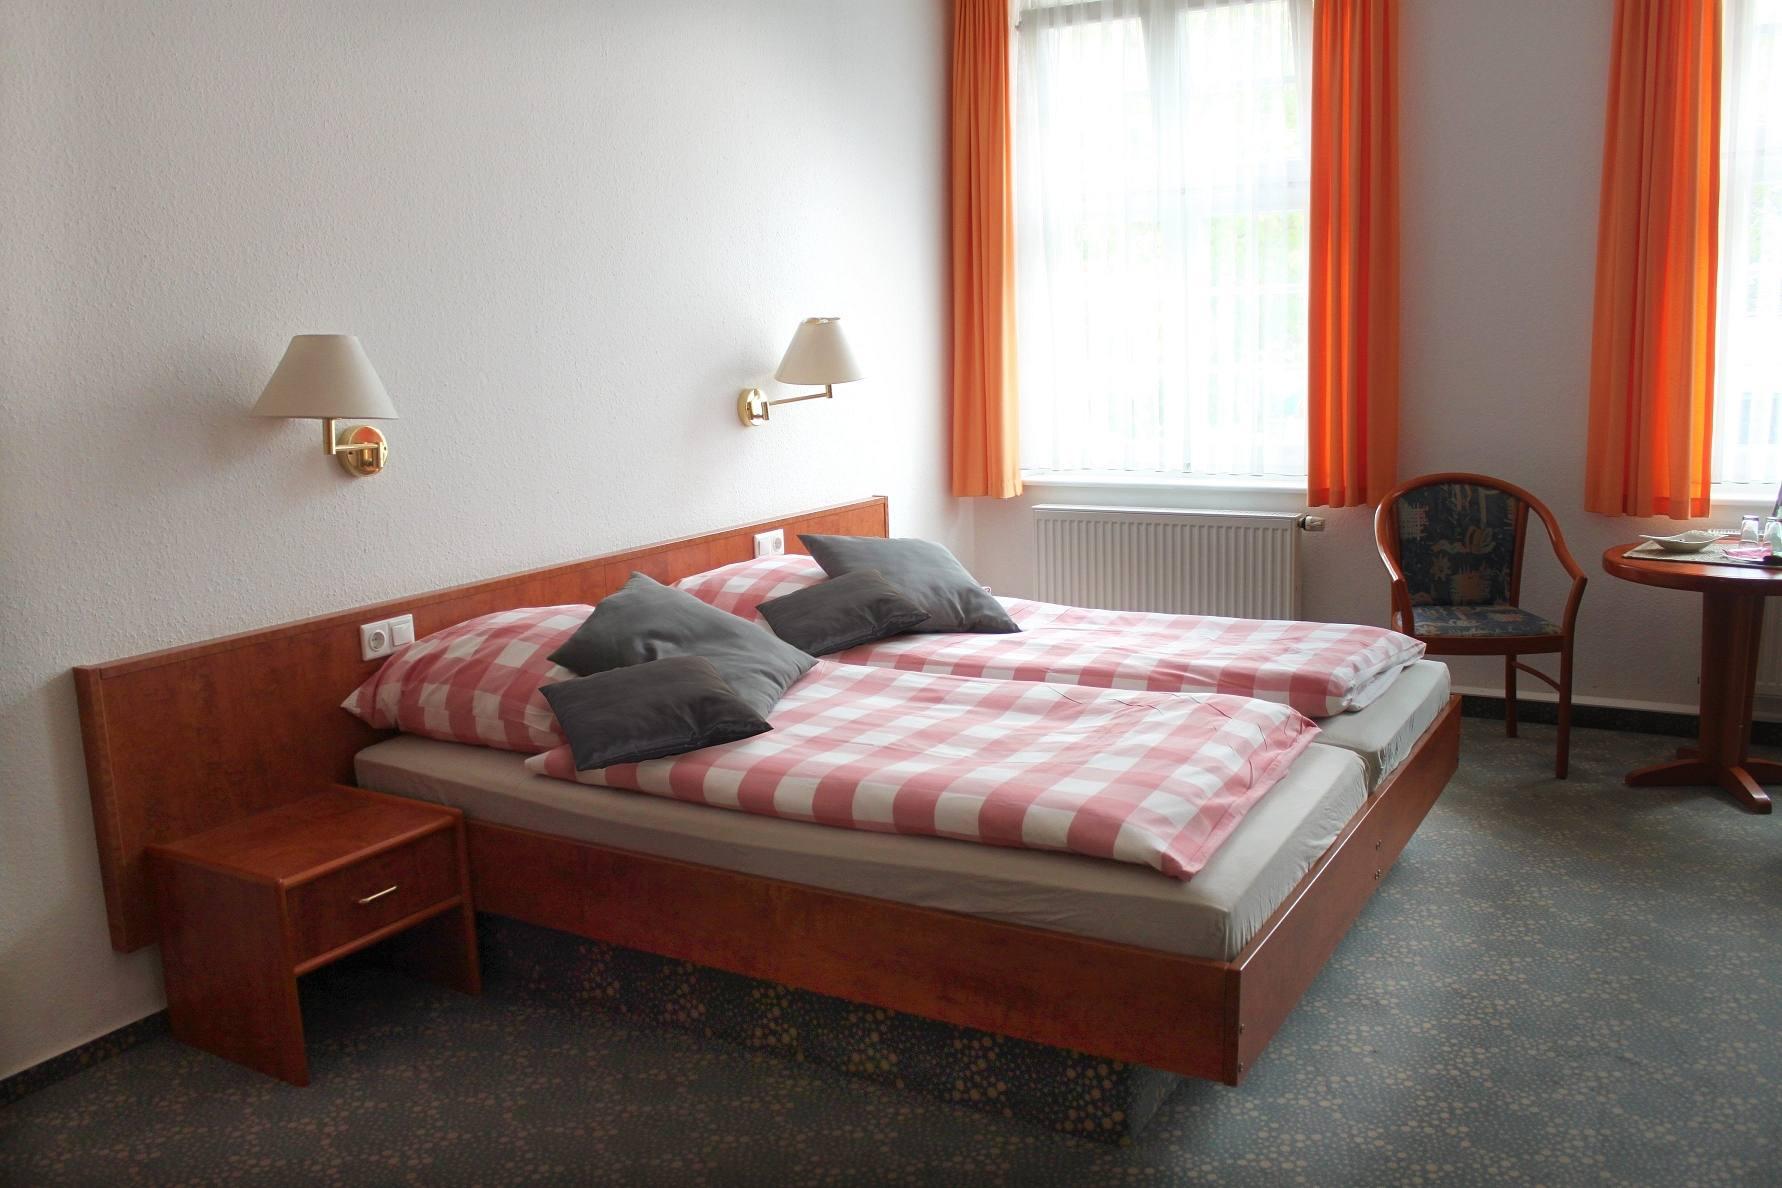 Doppelzimmer im Parkhotel Bad Sassendorf